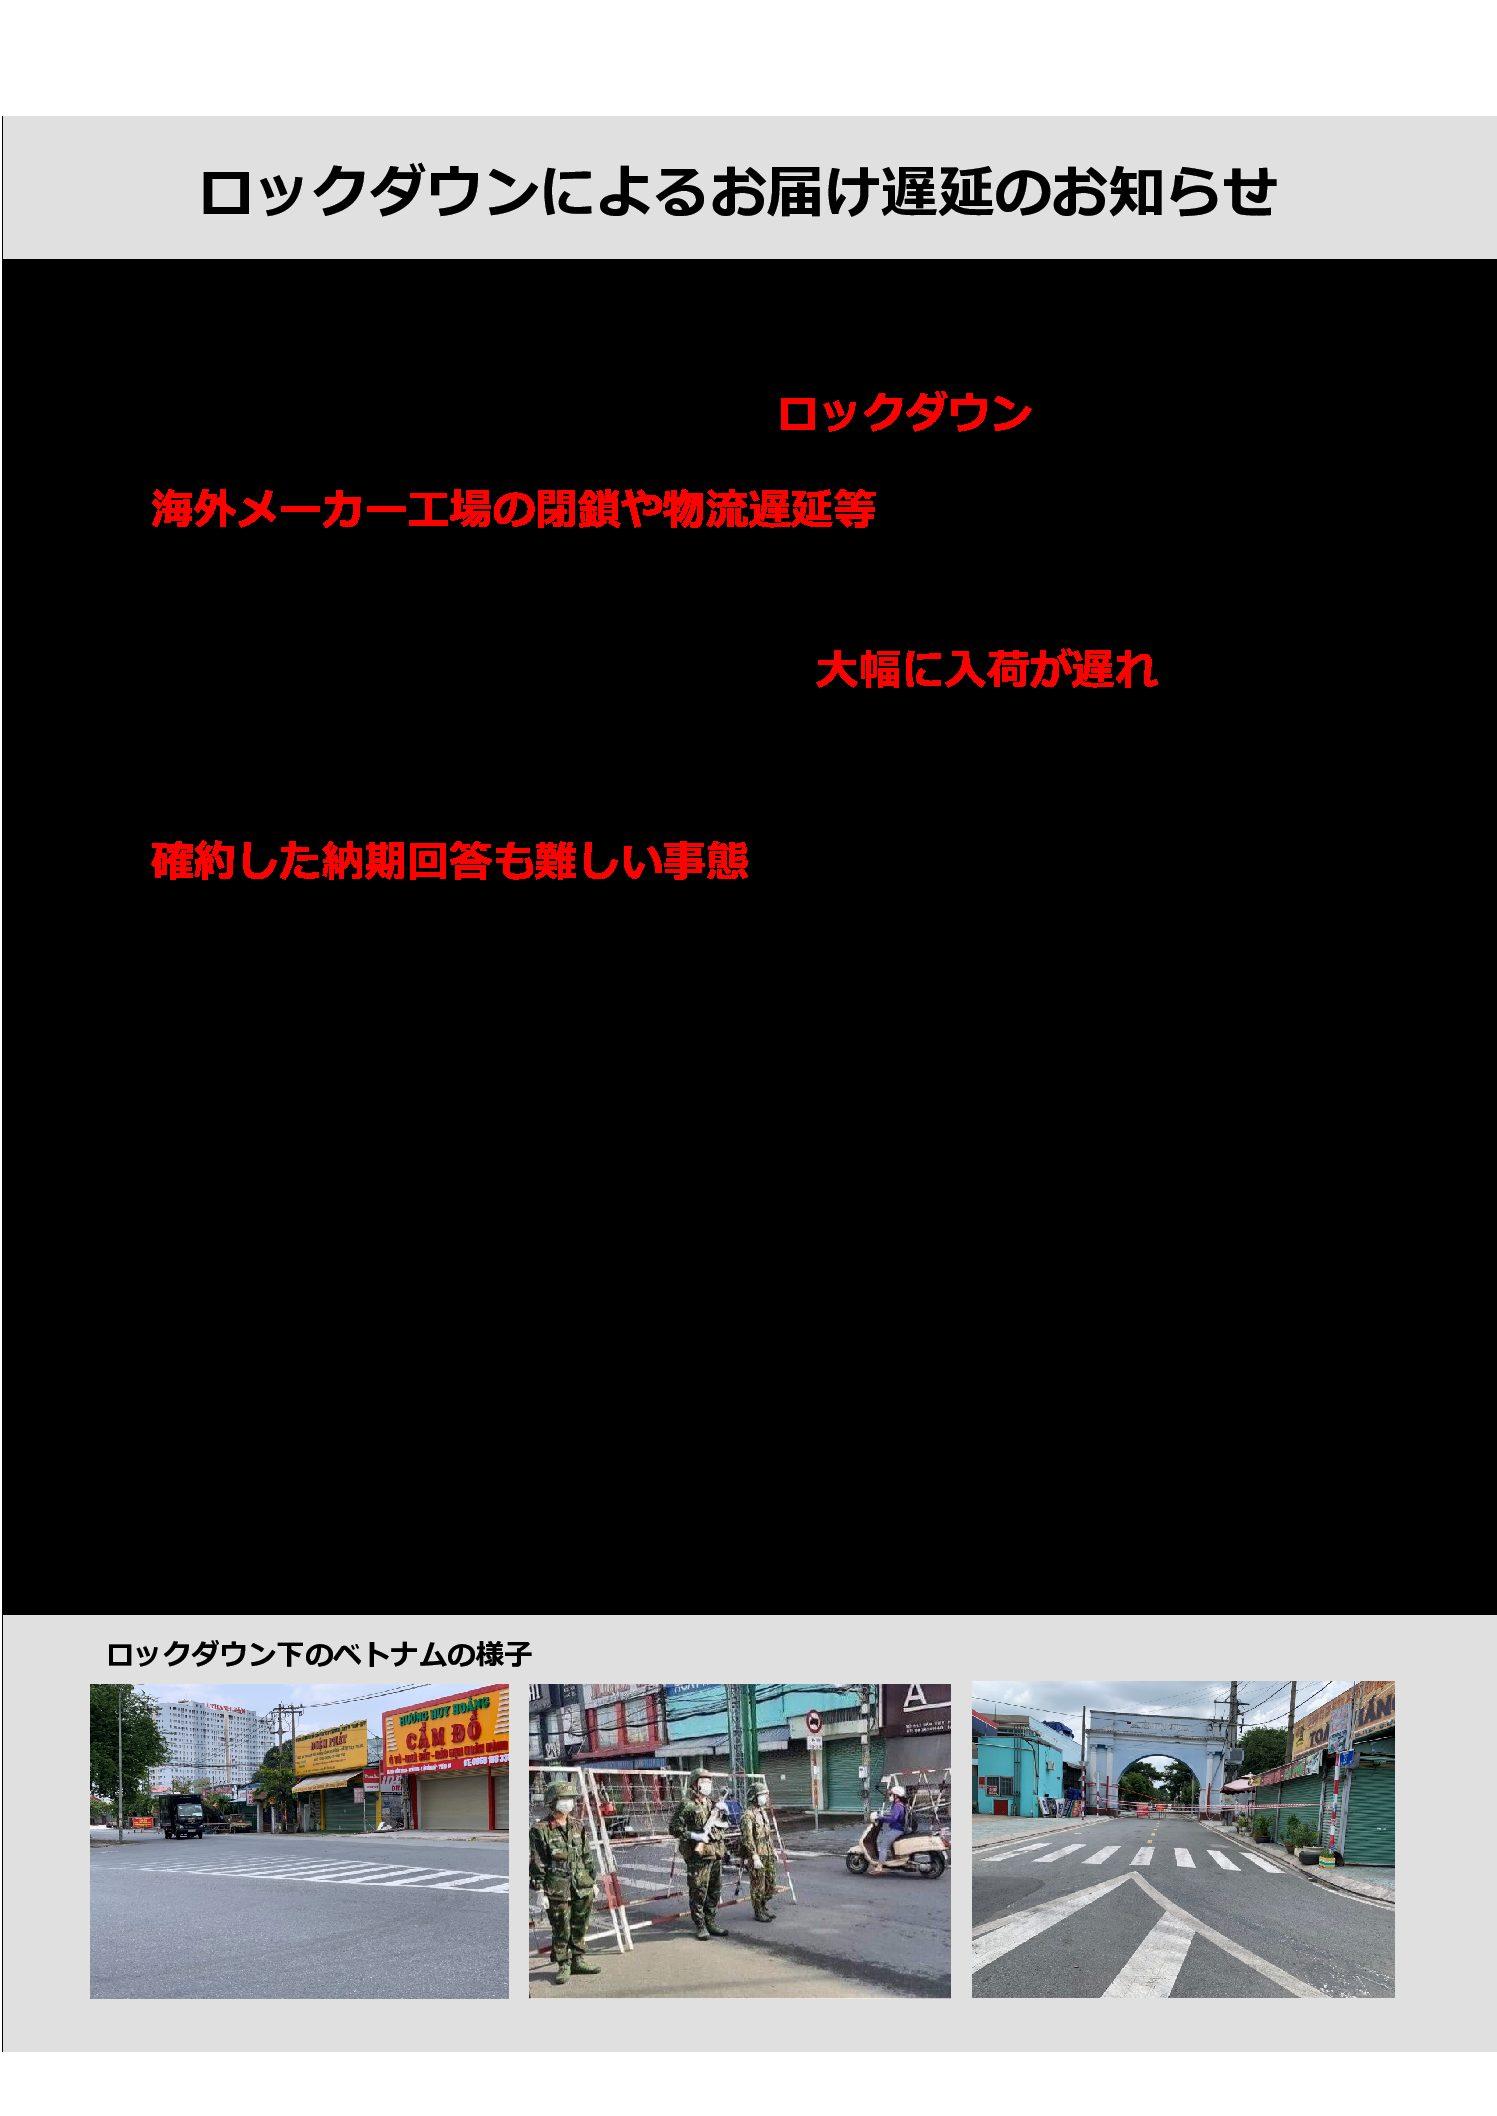 ☆ロックダウンによるお届け遅延のお知らせ☆